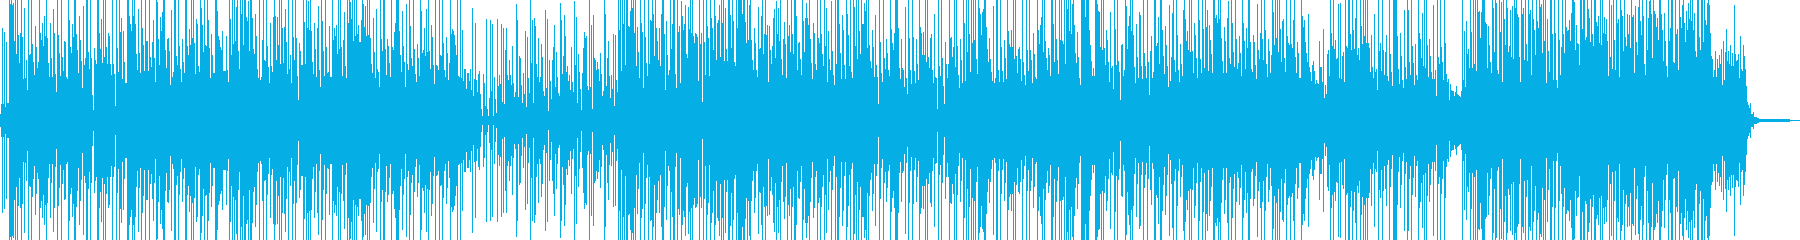 *メロ抜き* 南国ムード ご機嫌なレゲェの再生済みの波形